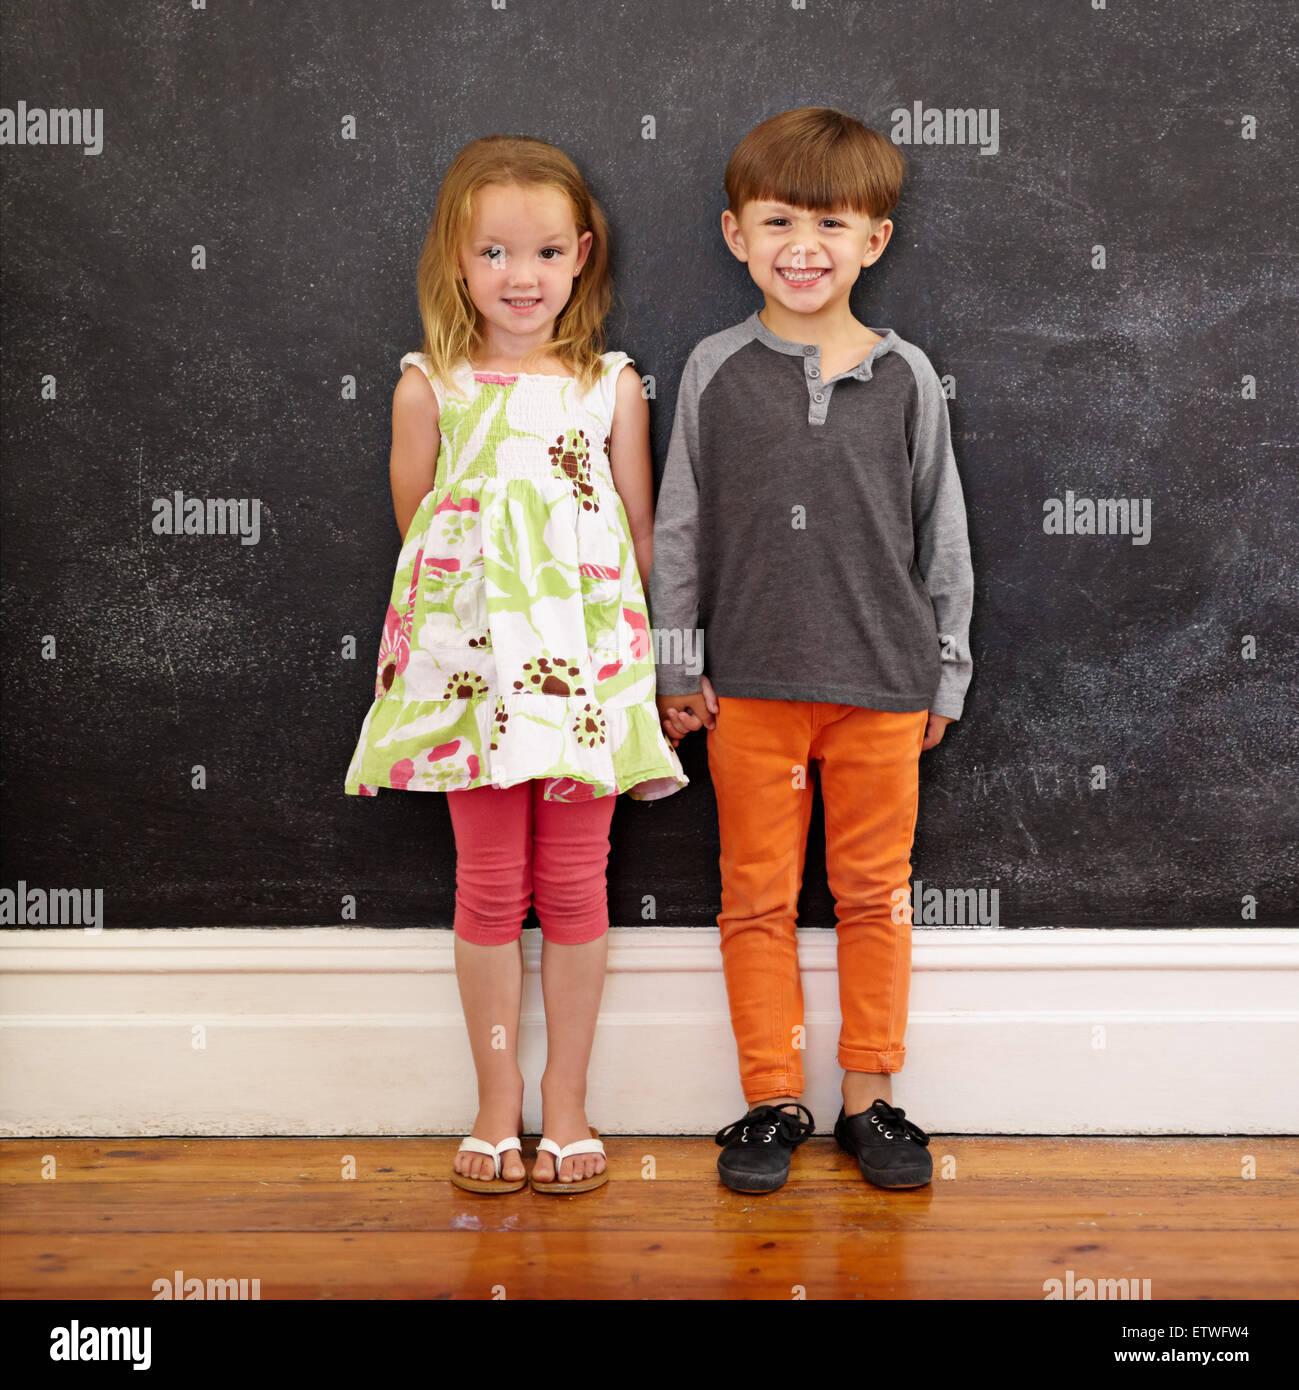 toute la longueur de balle deux jeunes enfants se tenant ensemble contre un tableau noir petit. Black Bedroom Furniture Sets. Home Design Ideas